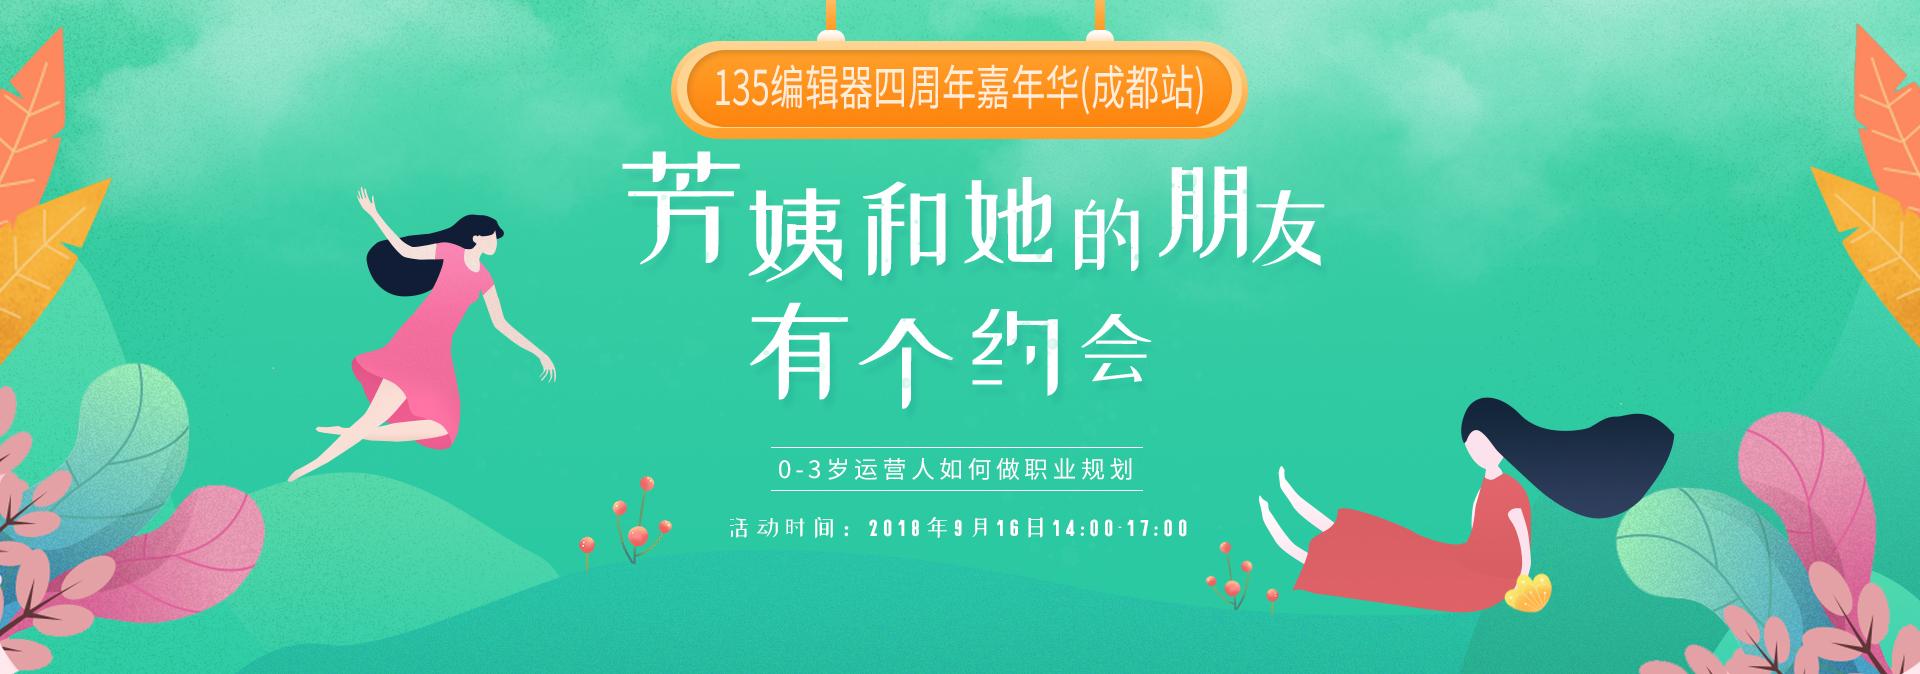 135編輯器四周年嘉年華&芳姨與小馬魚有個約會